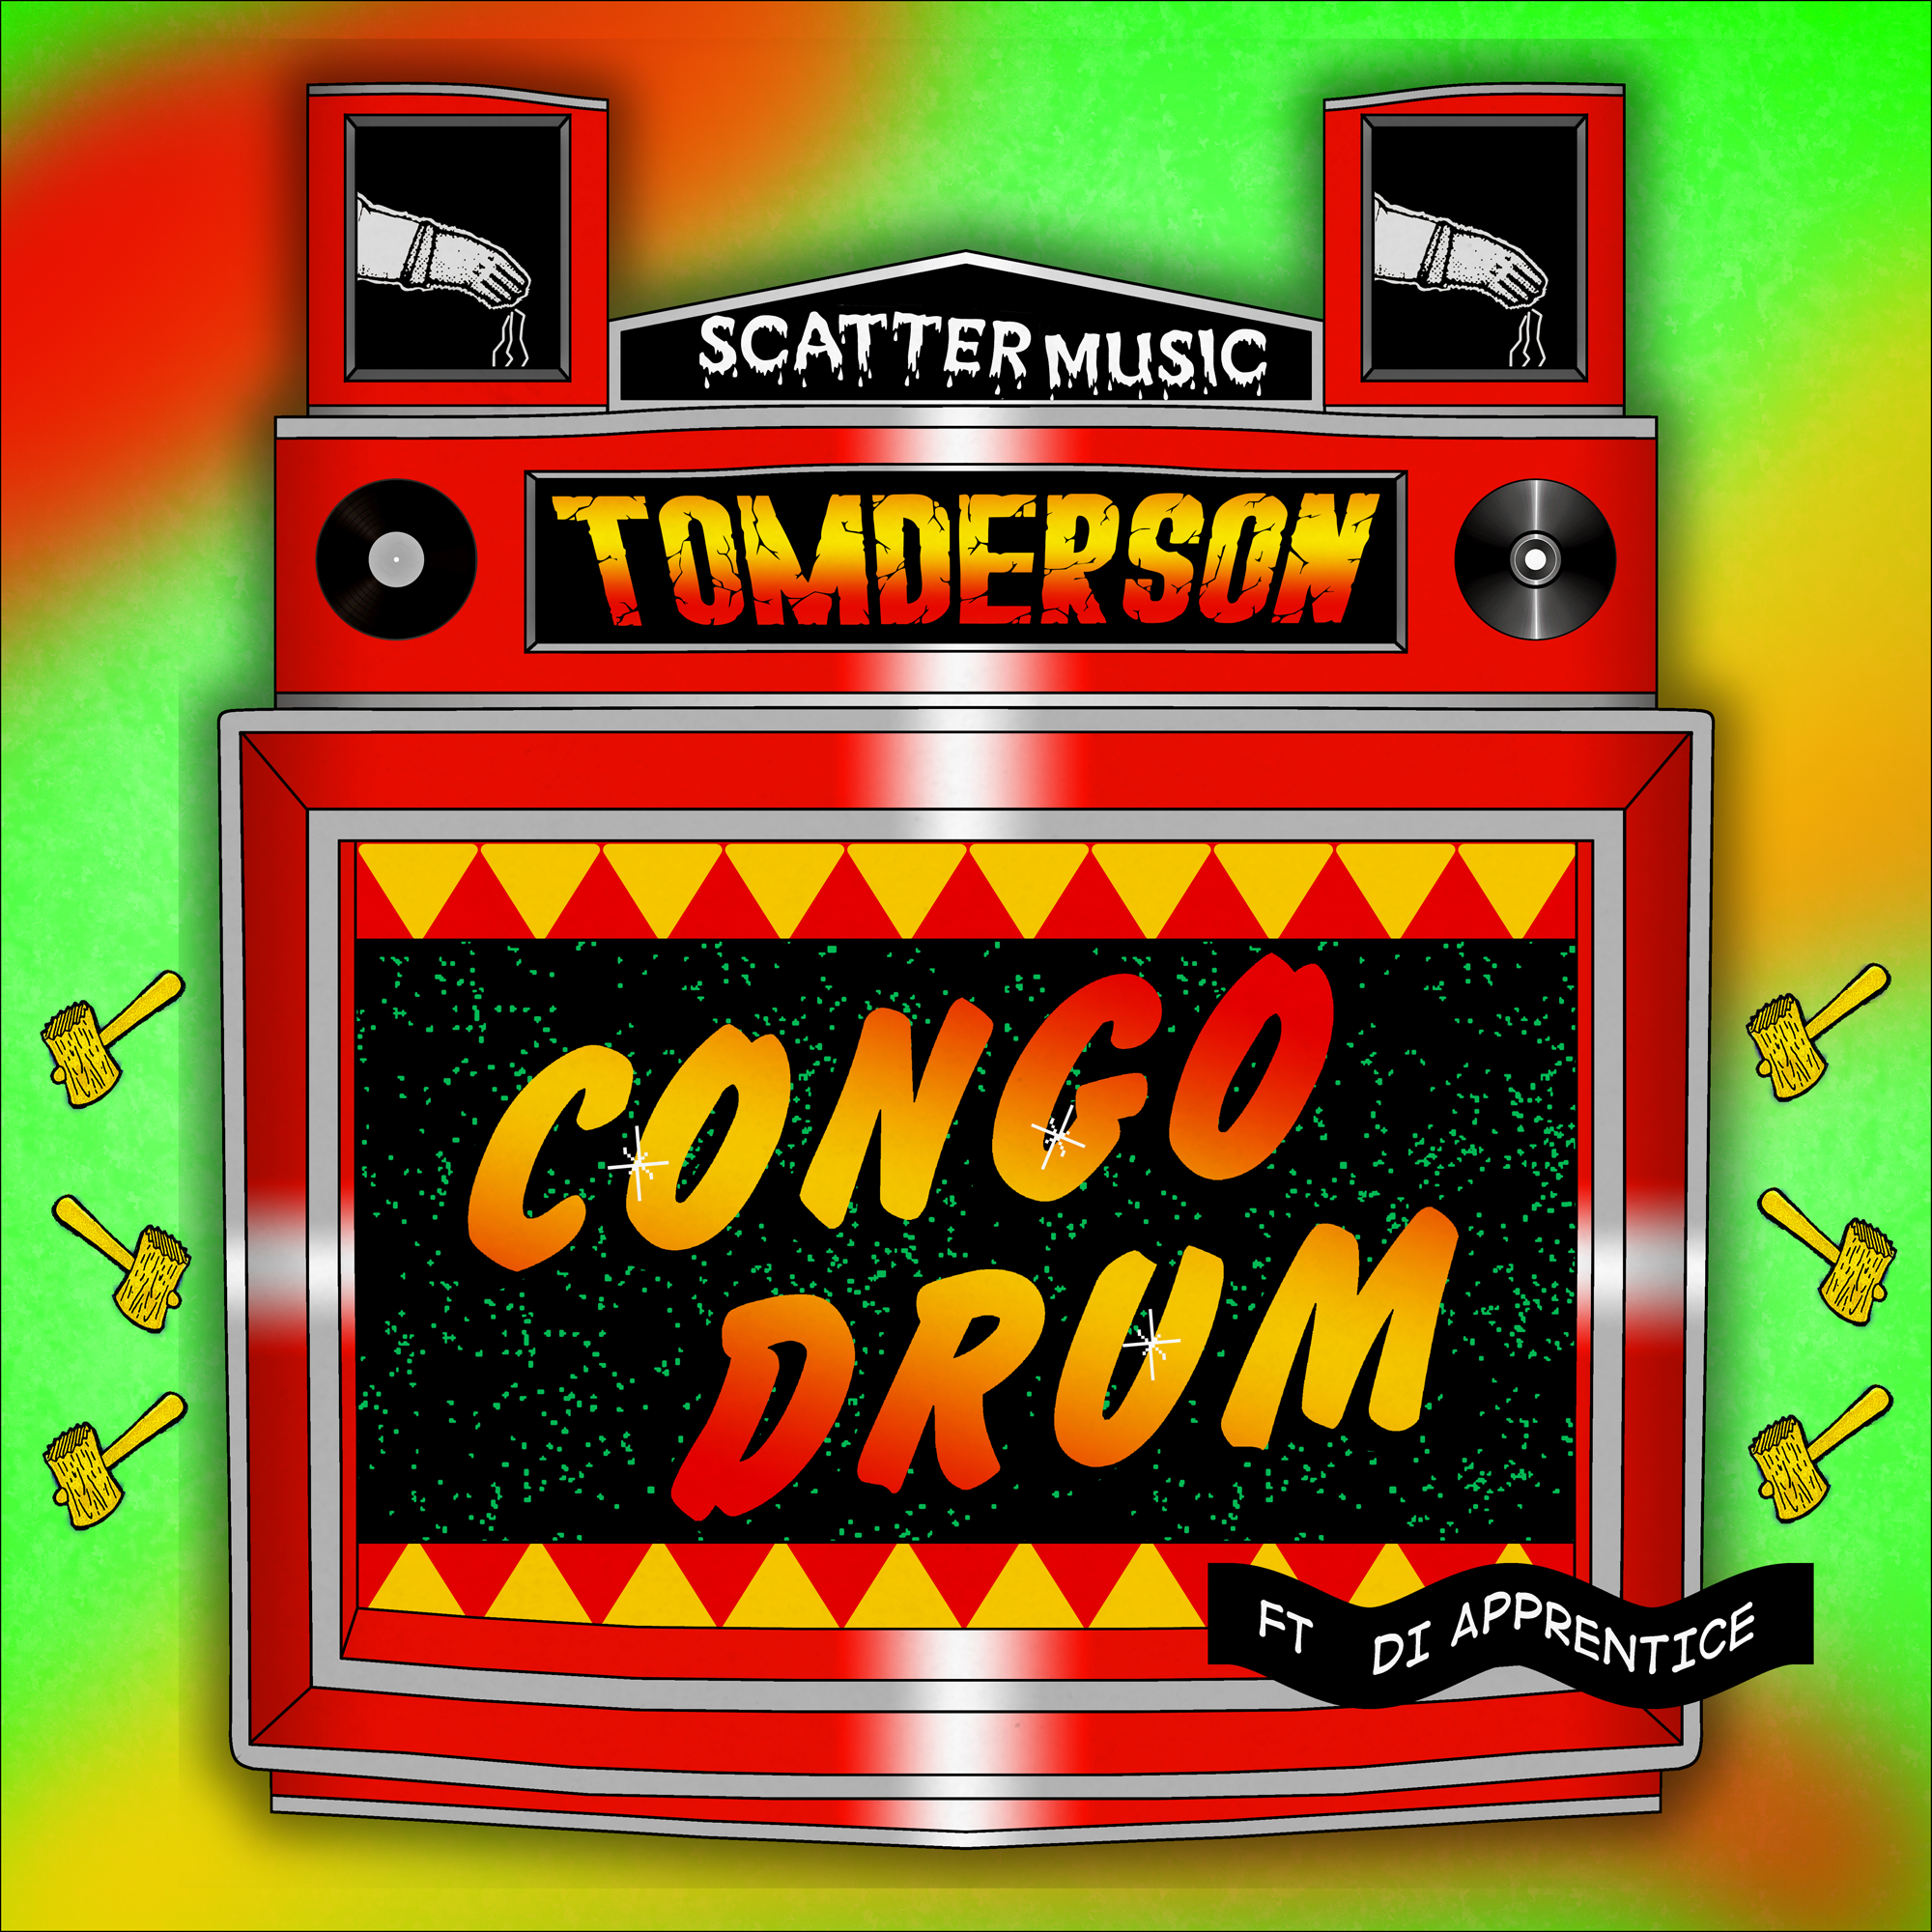 Tomderson - Congo Drum ft Di Apprentice - 2000x2000